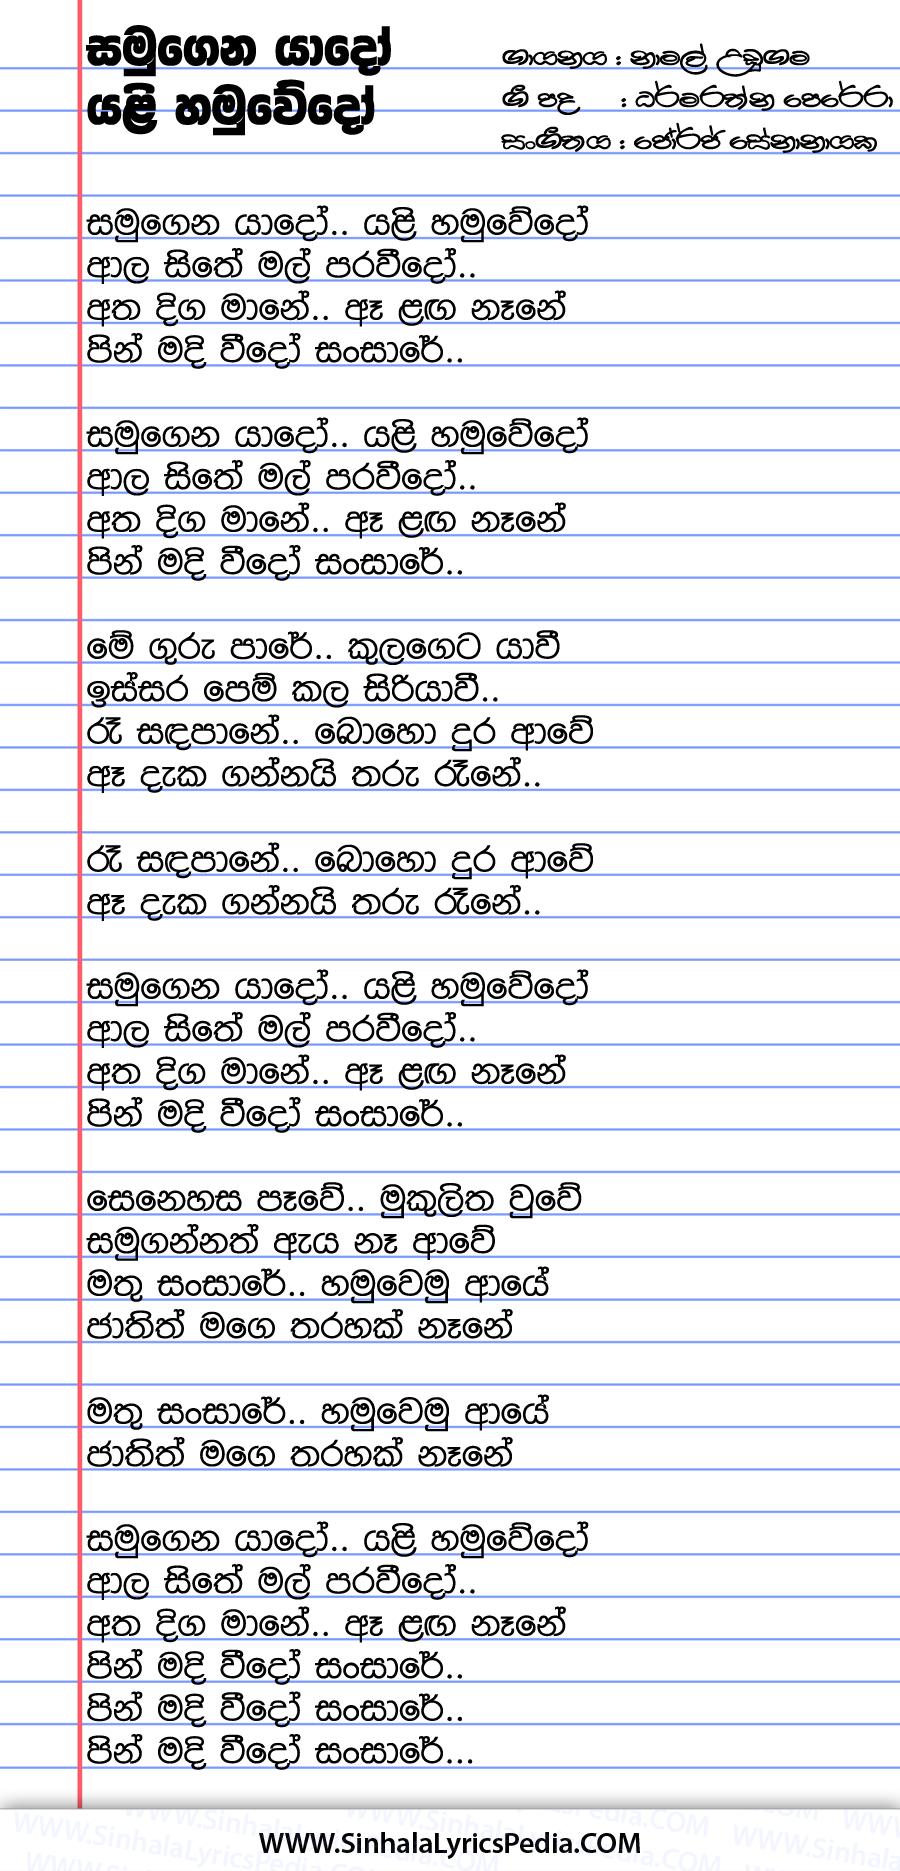 Samugena Yado Yali Hamu Wedo Song Lyrics